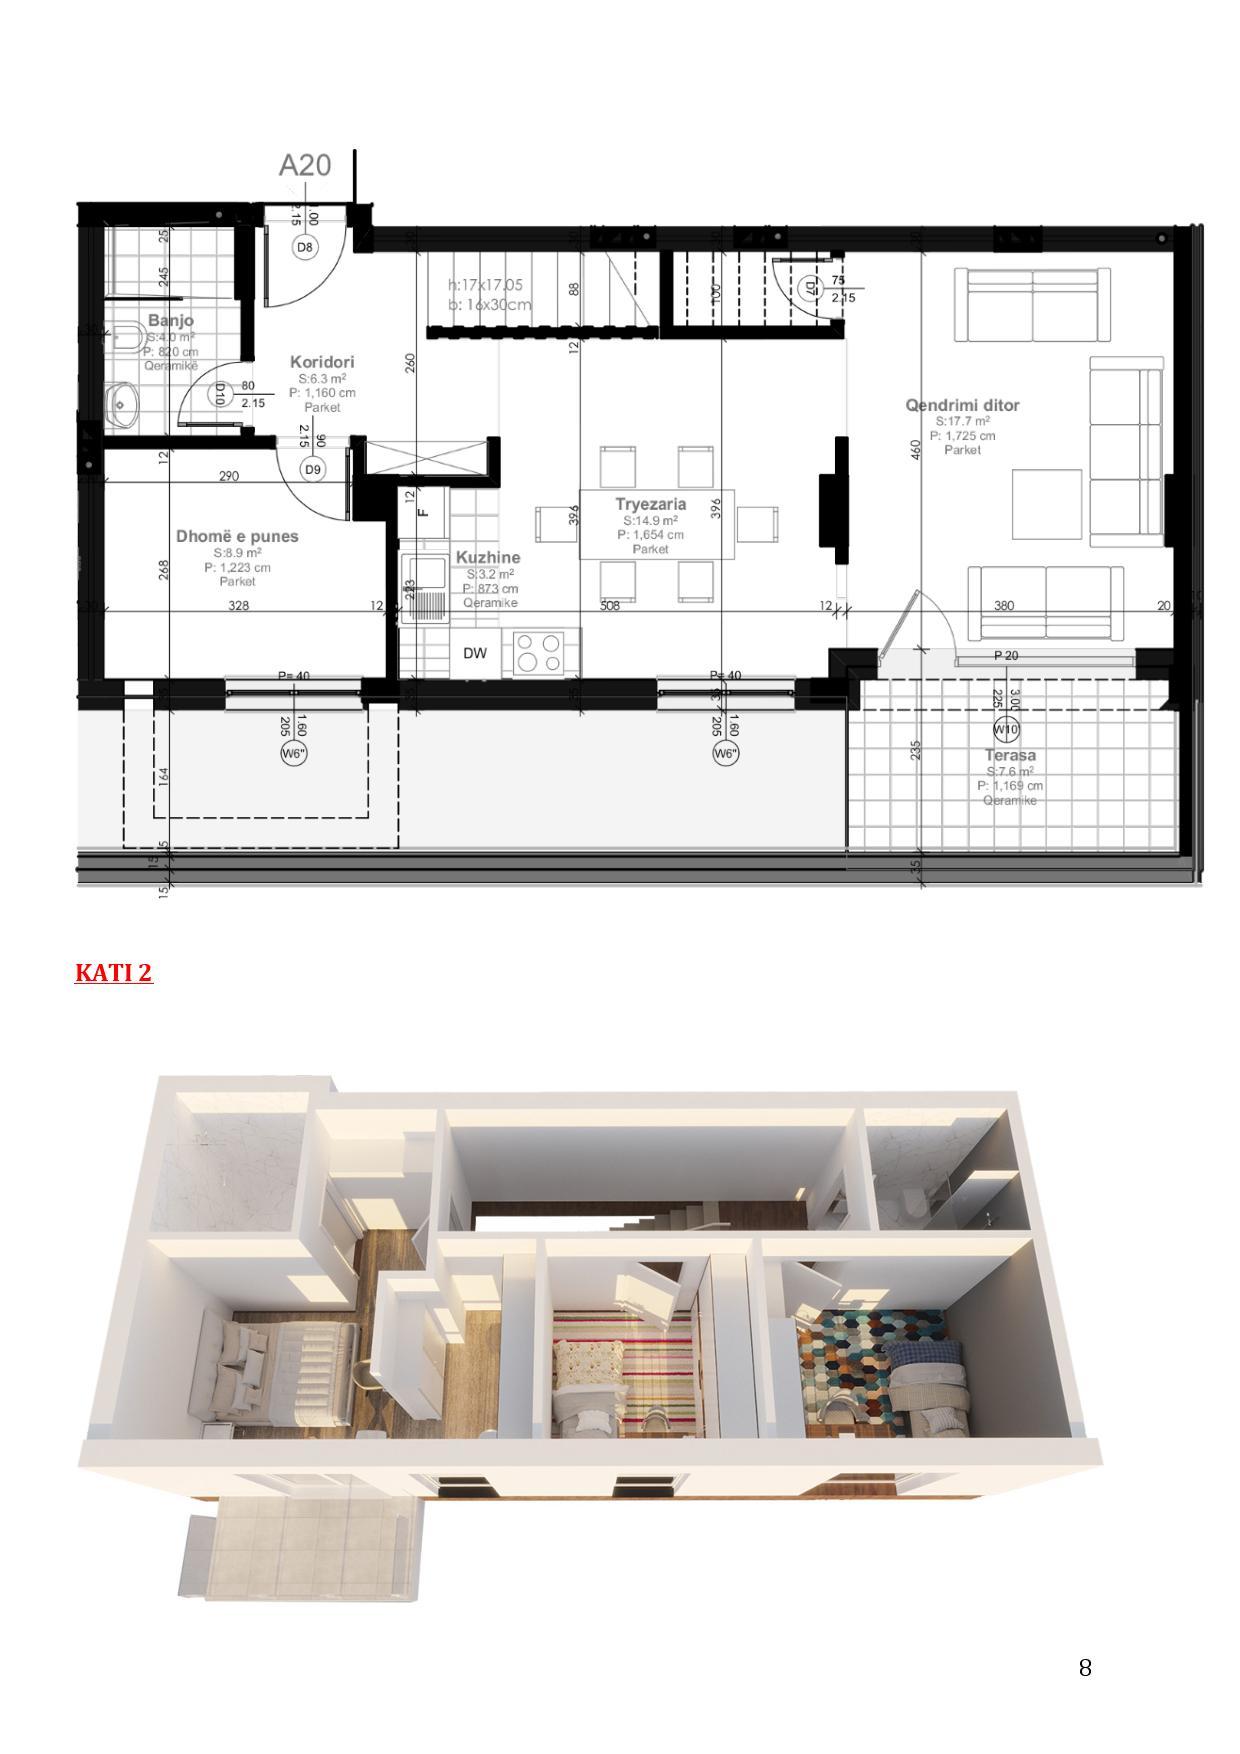 Duplex në shitje 150.3 m2 në Mati 1